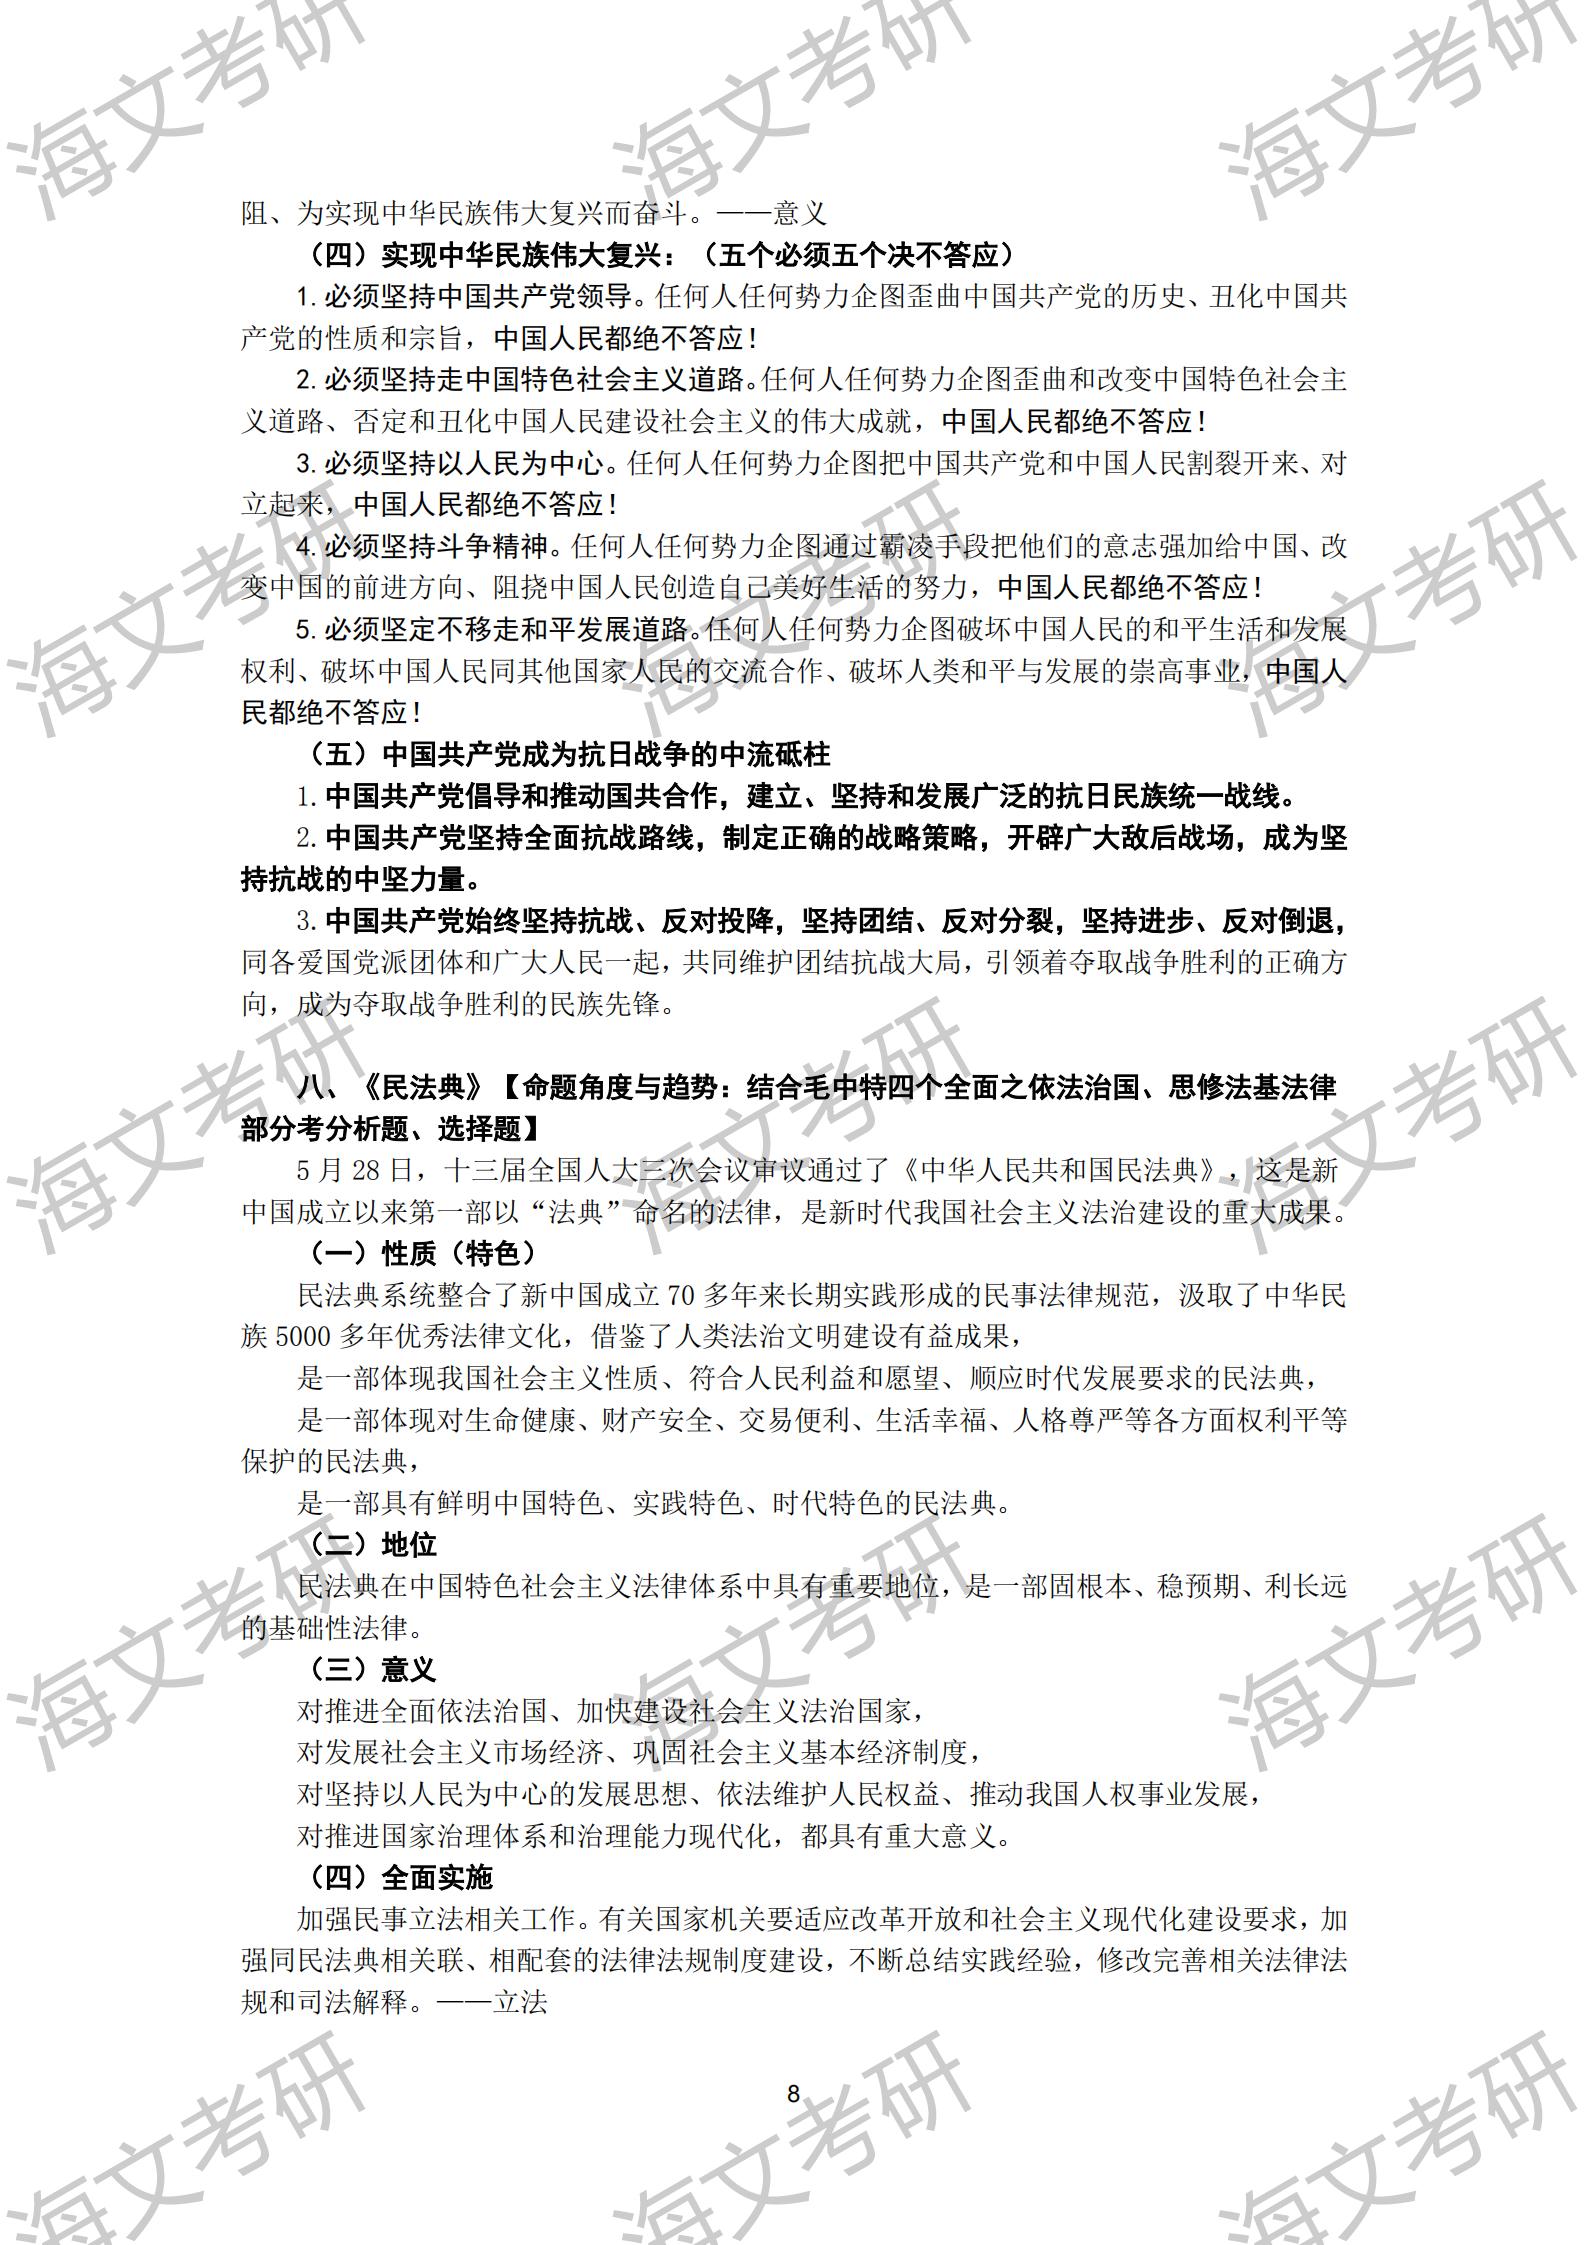 【考研政治】2021考研政治考前必背(用于冲刺全科)_07.png